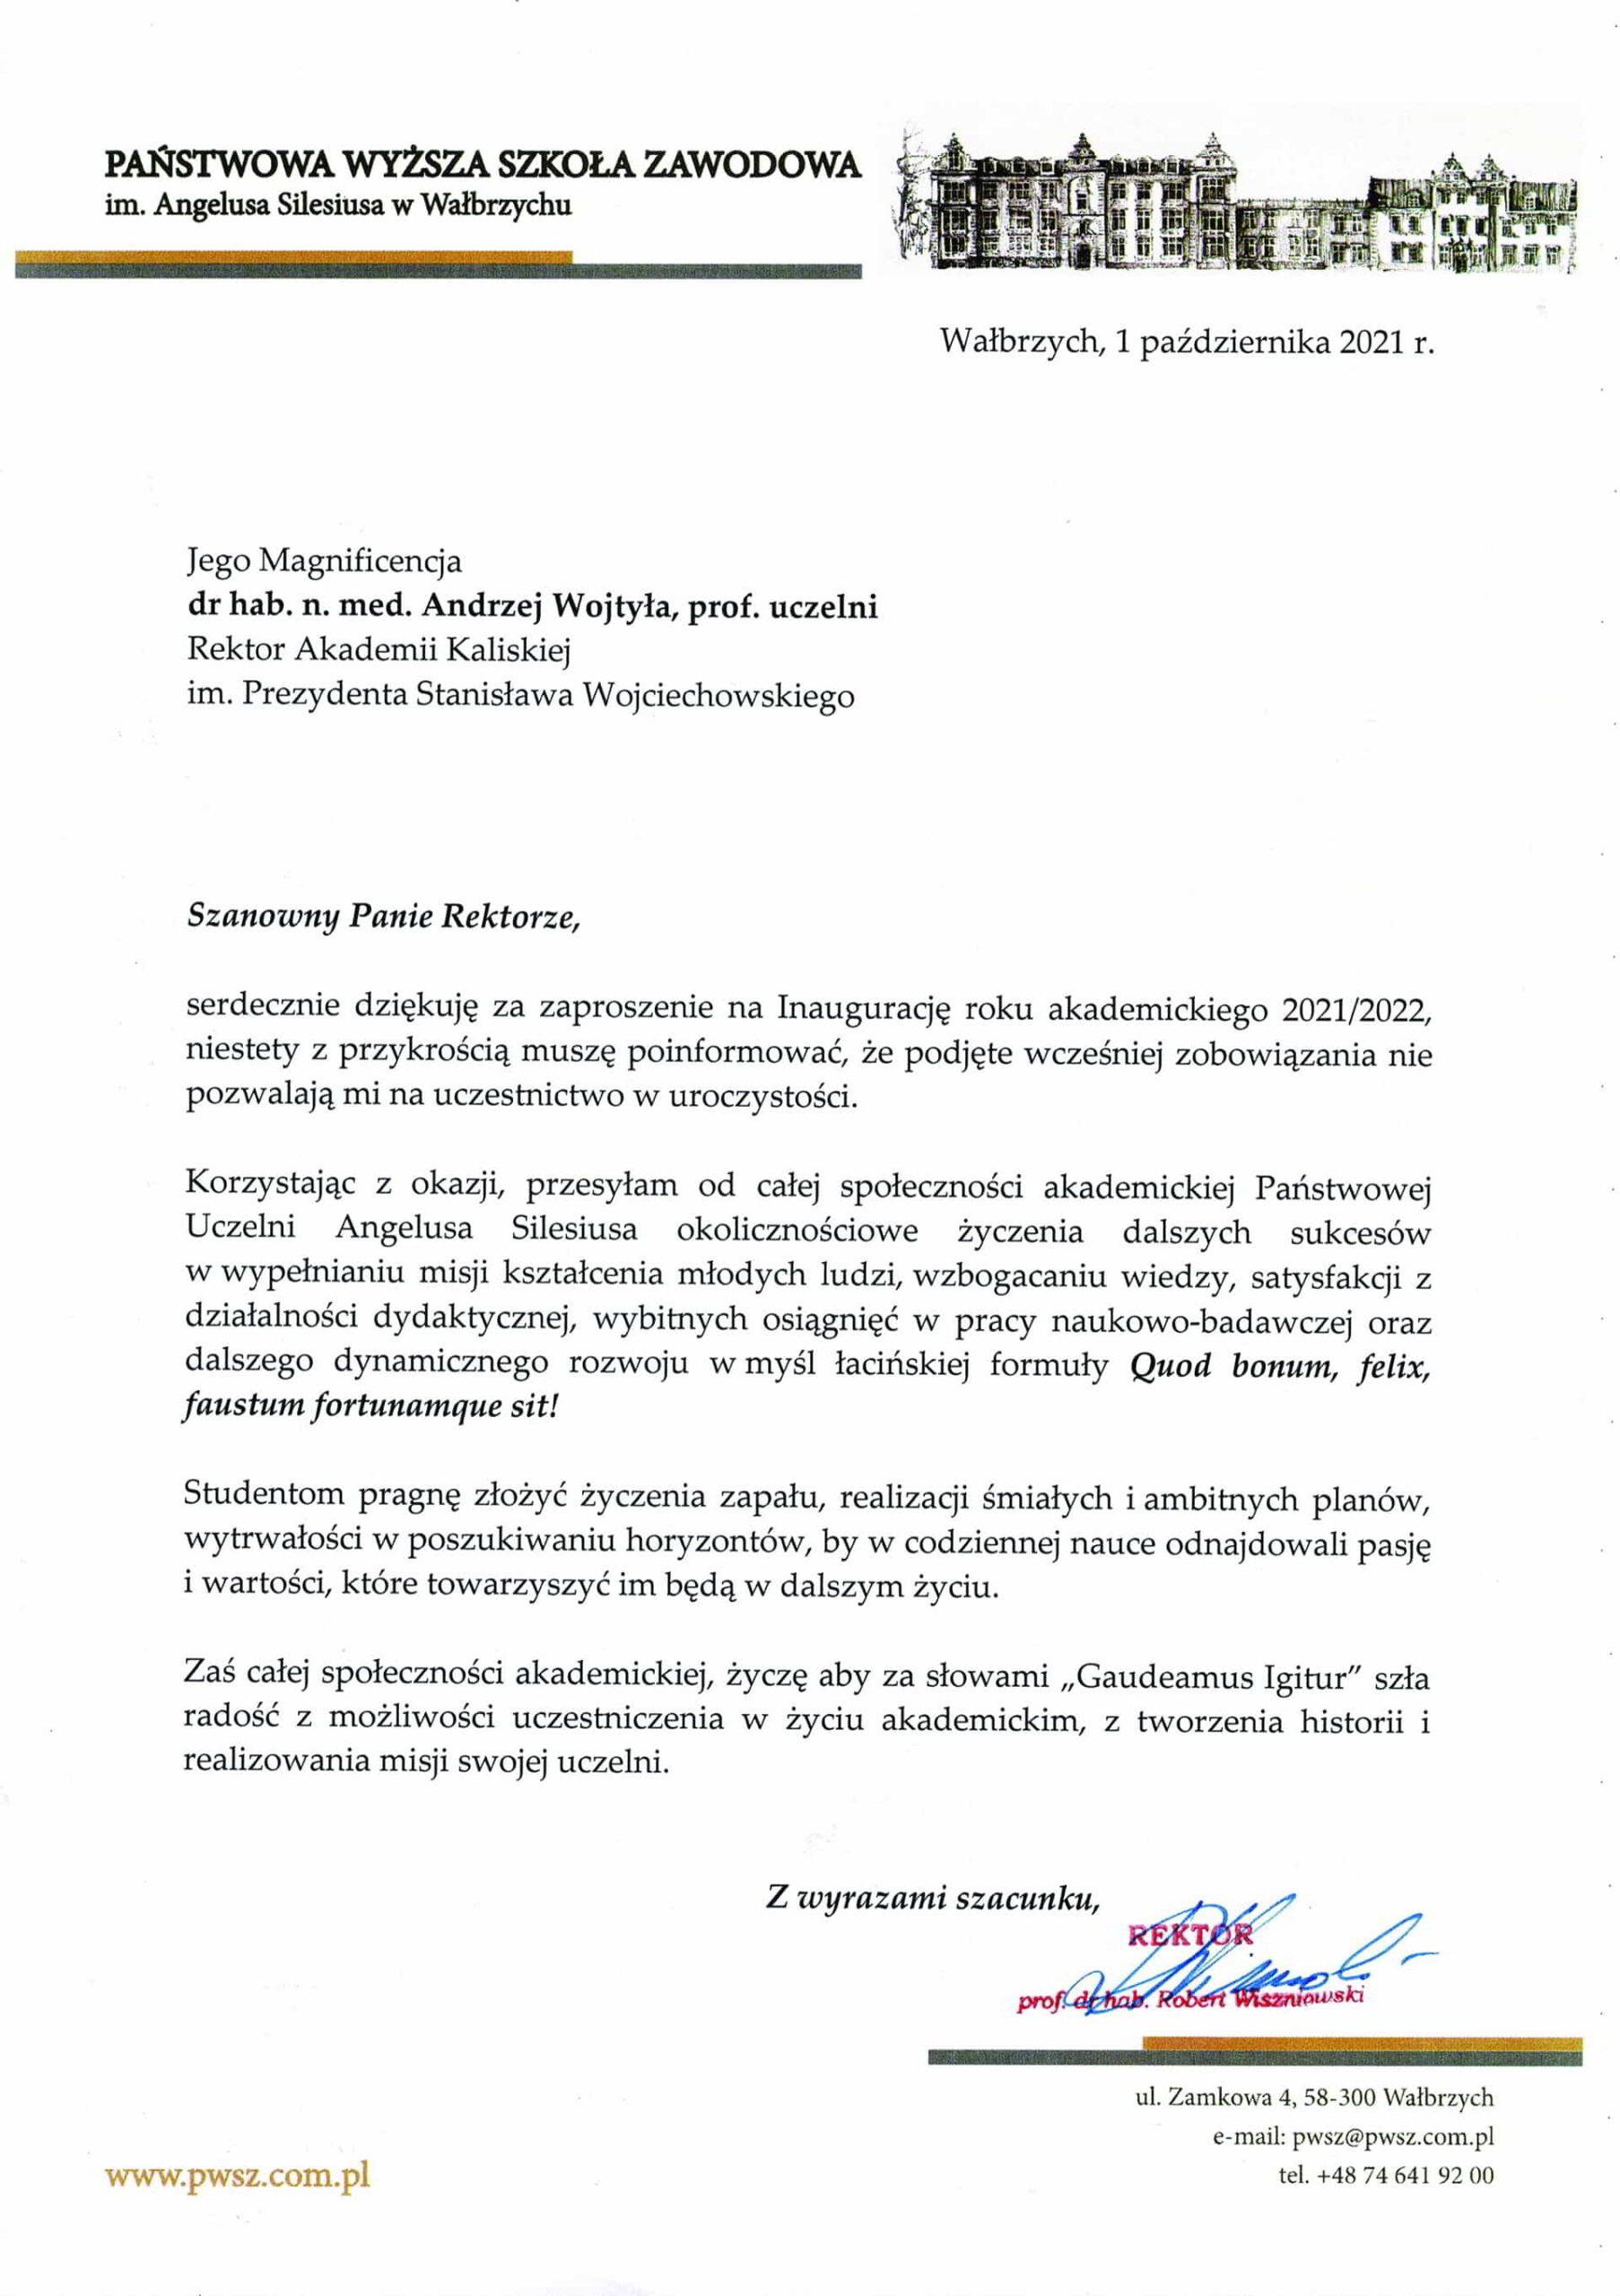 życzenia inauguracja roku akademickiego 2021/2022 Rektor PWSZ w Wałbrzychu